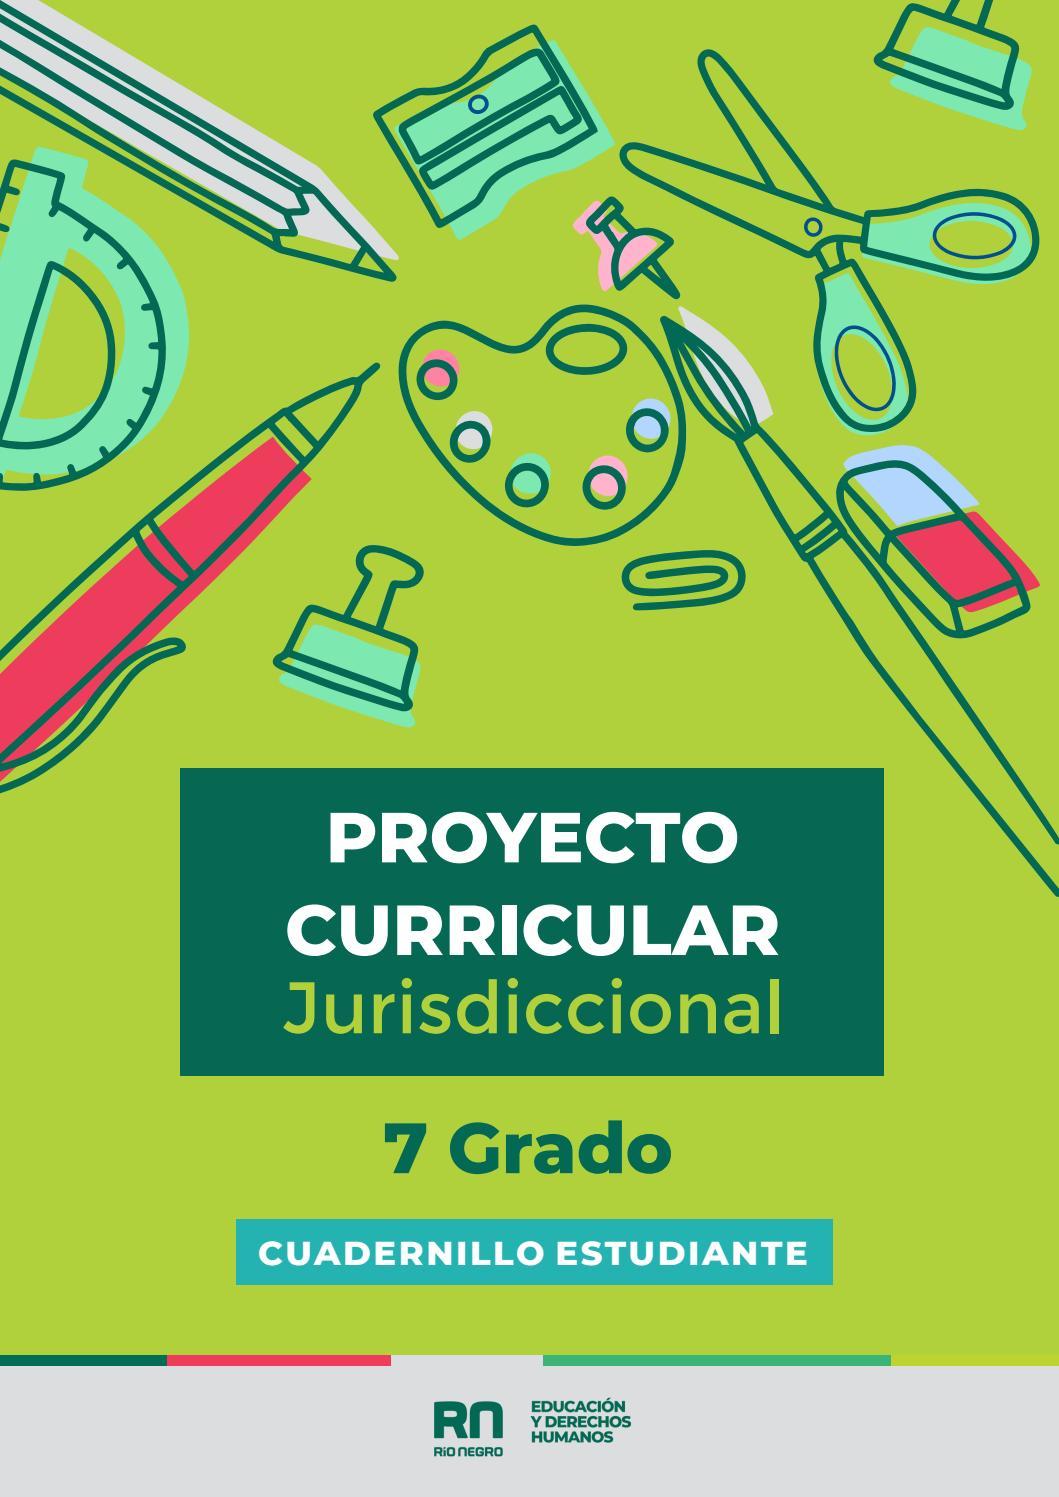 Cuadernillo Estudiante – 7Mo Grado – Proyecto Curricular With Regard To Aranita Tree Of Life Iron Garden Benches (View 21 of 25)